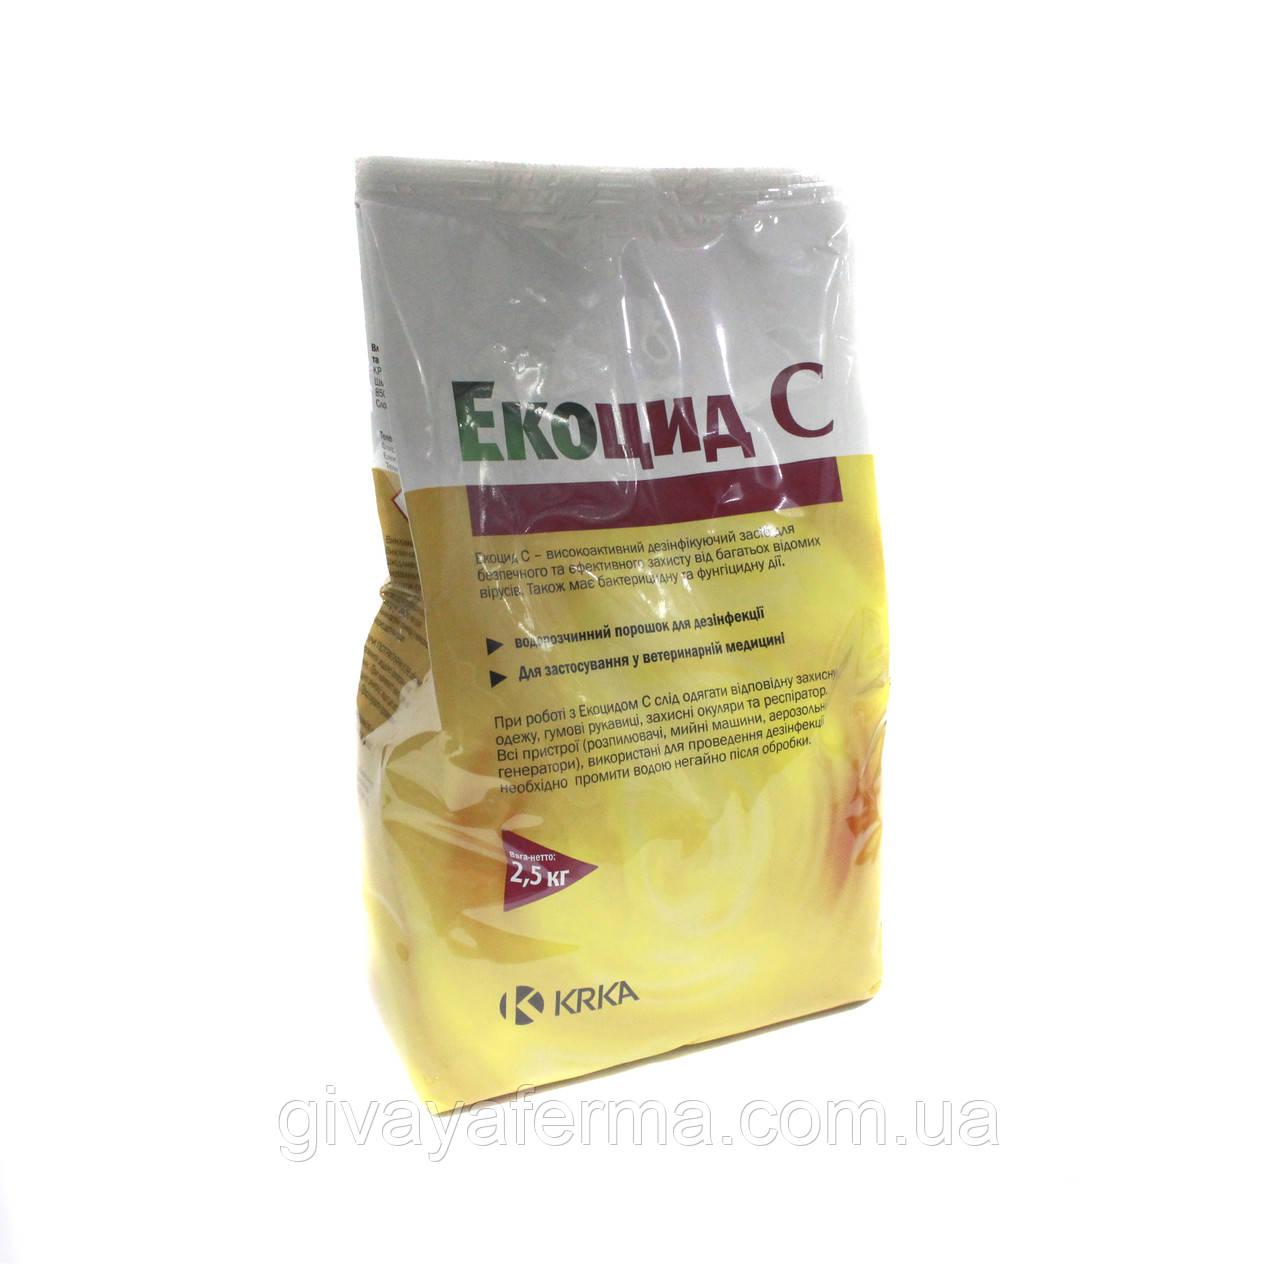 Экоцид С 2,5 кг, ОРИГИНАЛ, дезинфицирующее средство